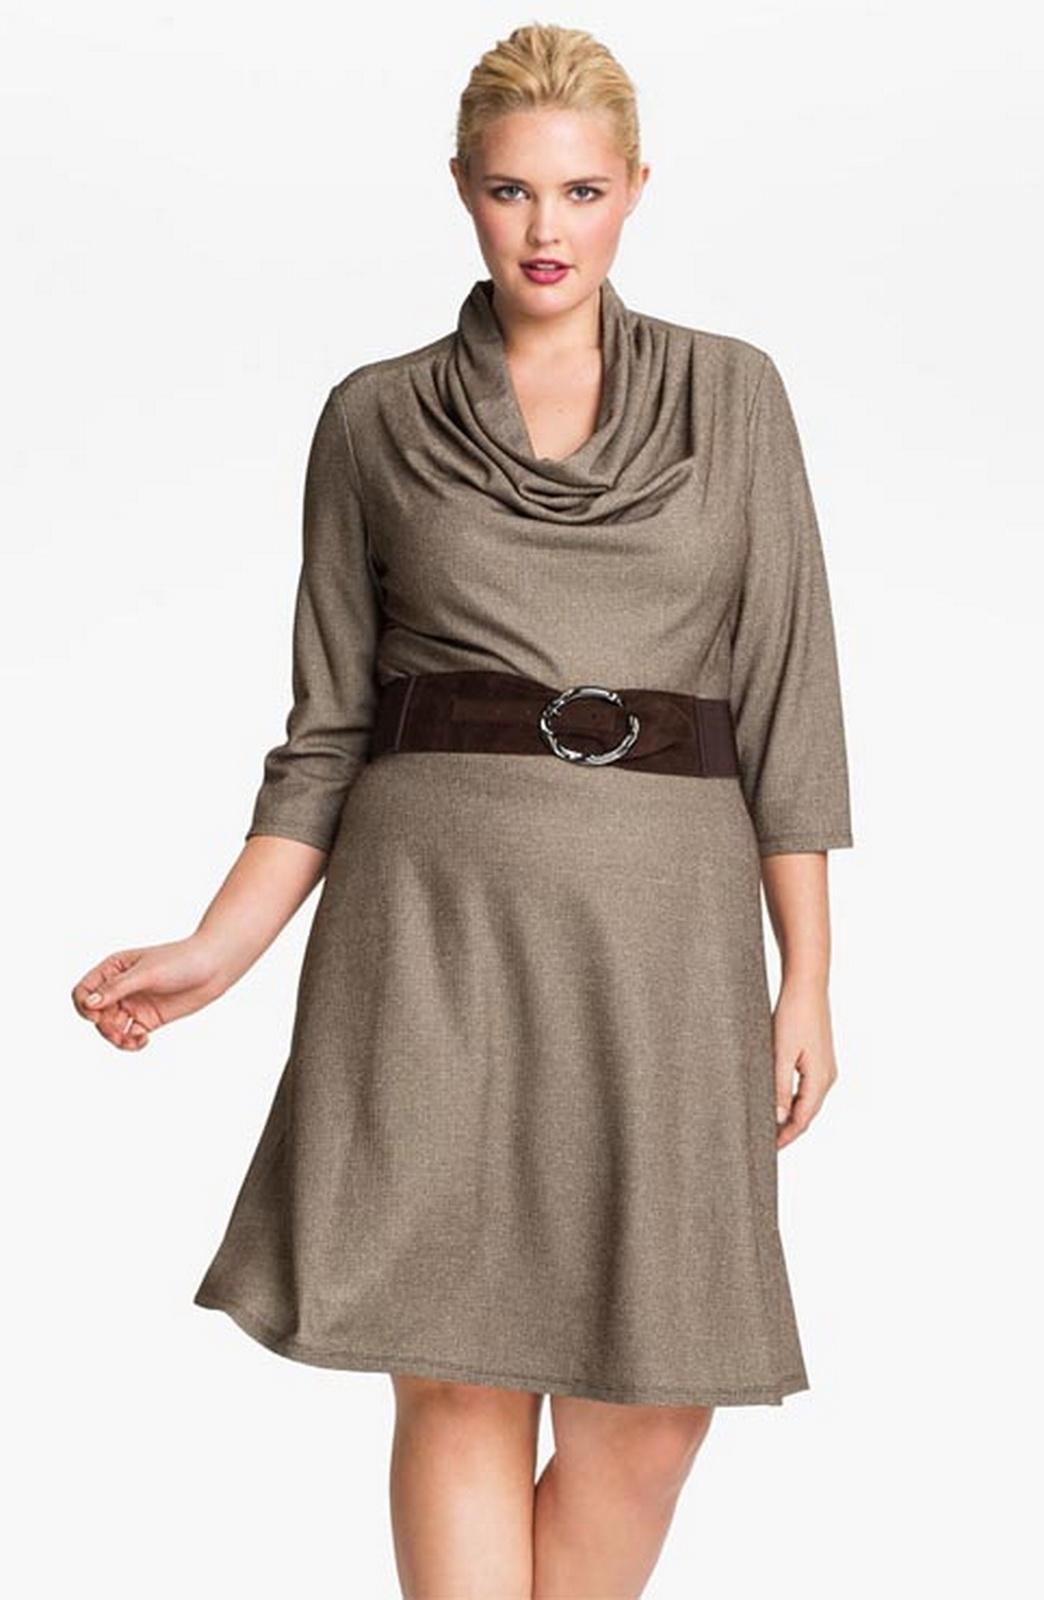 Полная Модница Нарядная Одежда